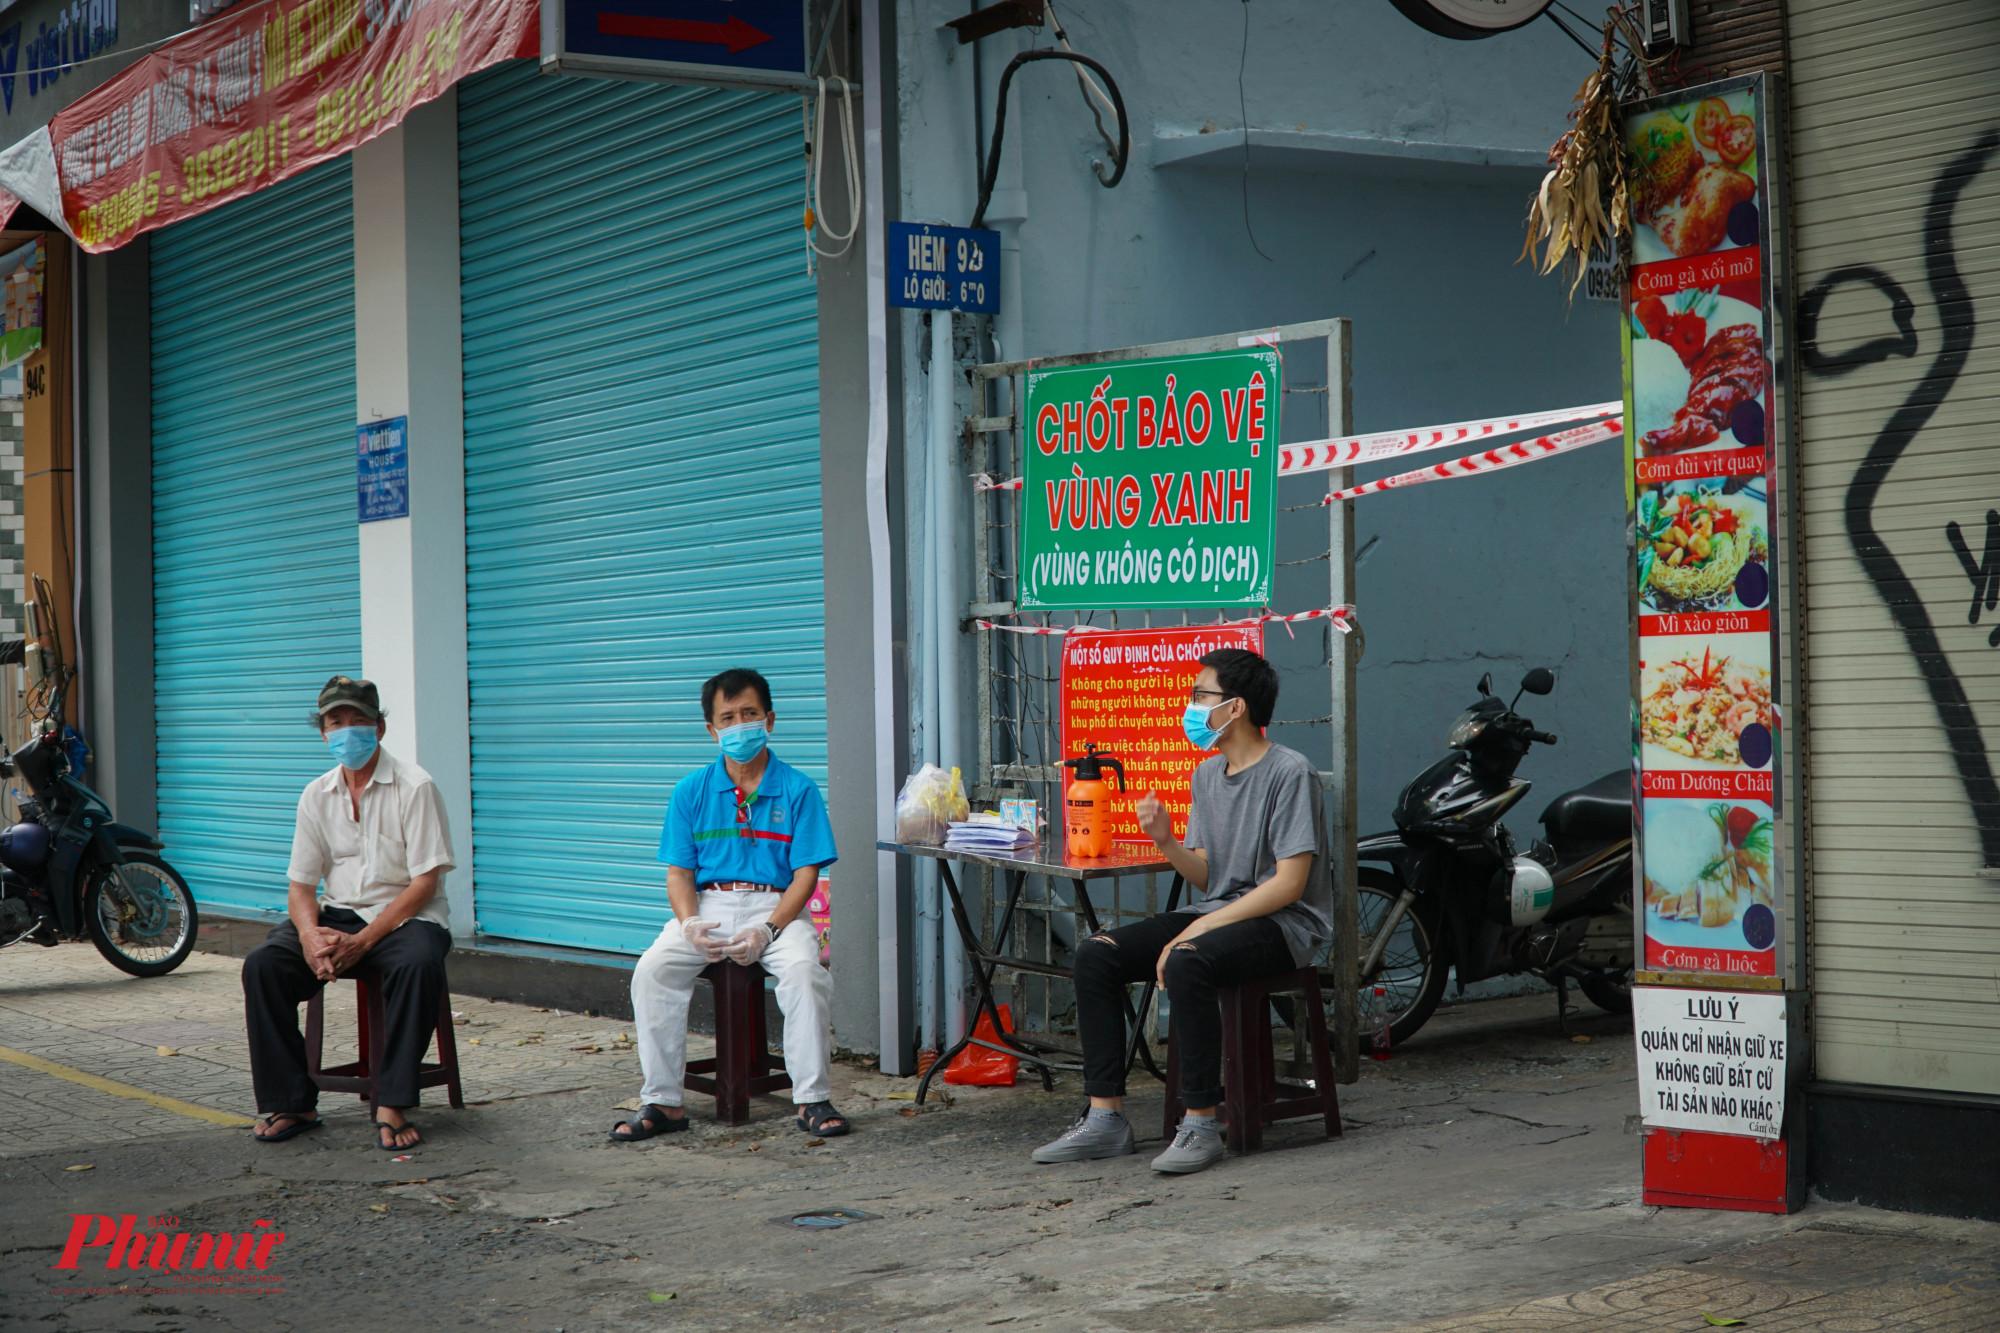 """Một """"chốt bảo vệ vùng xanh""""  khác trên đường Cao Thắng"""